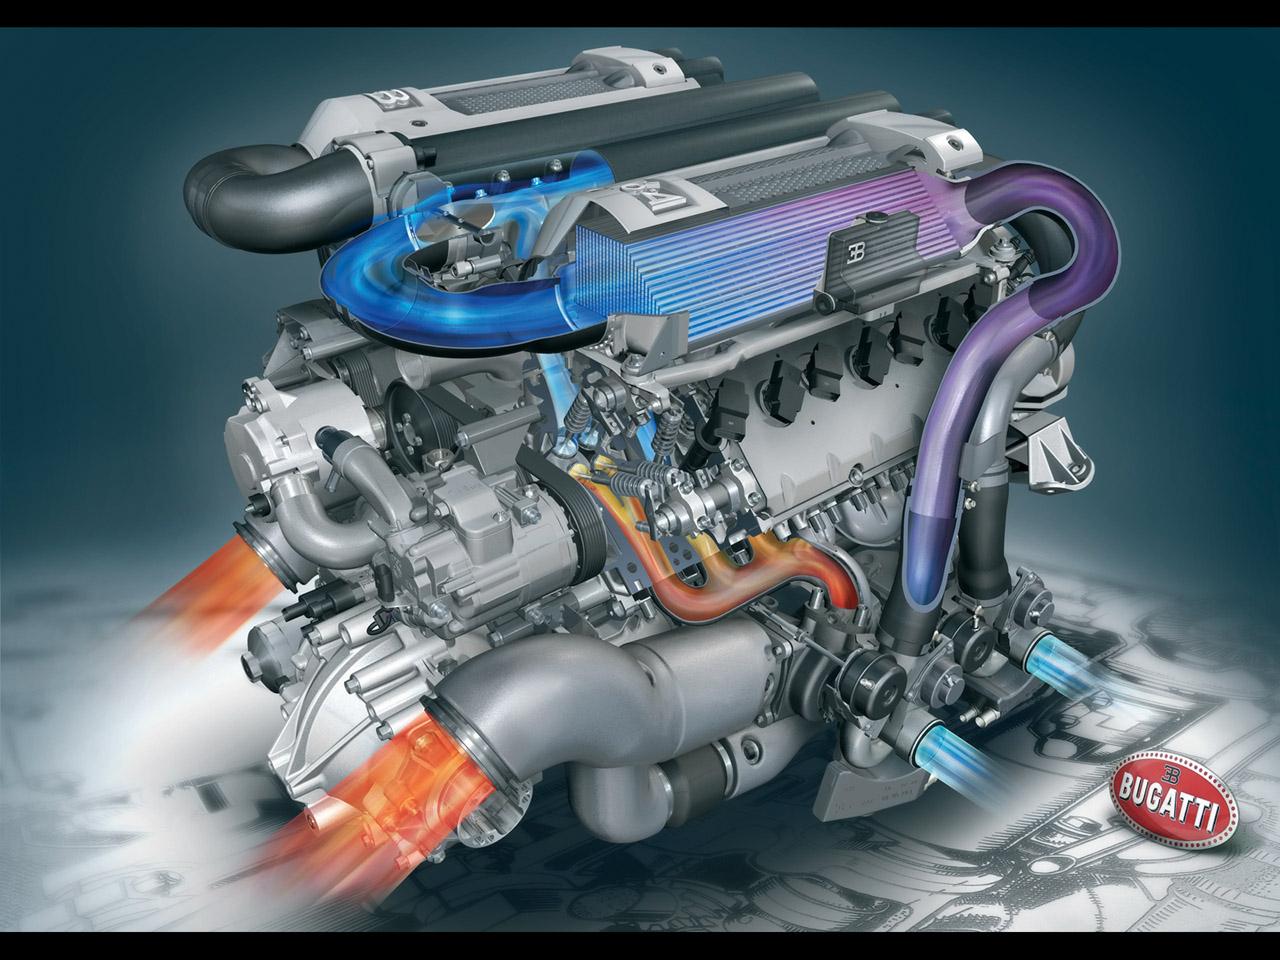 http://3.bp.blogspot.com/_ok92T4mBPv0/TD6O0Ev6StI/AAAAAAAAAV4/ilWxe8MPibs/s1600/2006-bugatti-veyron-w16-engine-cutaway-1280x9601.jpg